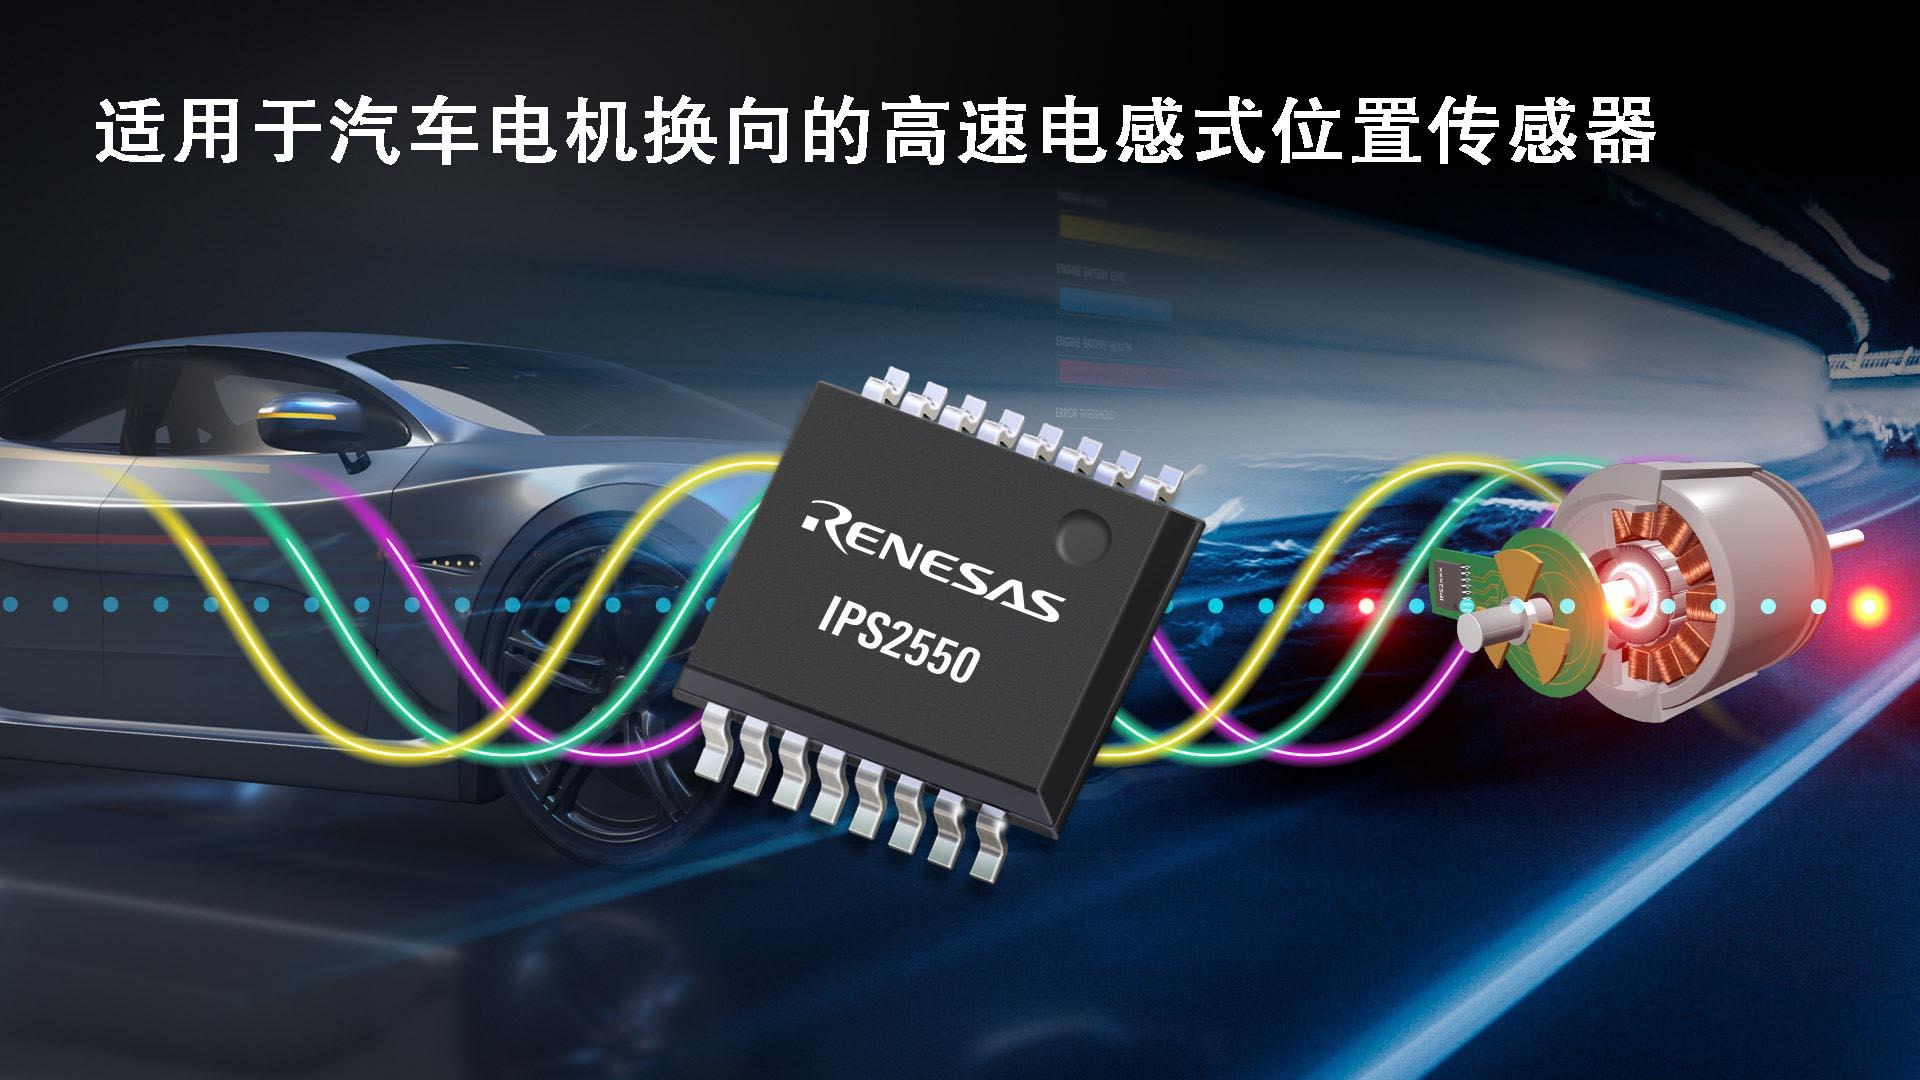 瑞萨电子推出IPS2550传感器将电感式位置感测产品阵容扩展至汽车电机换向应用